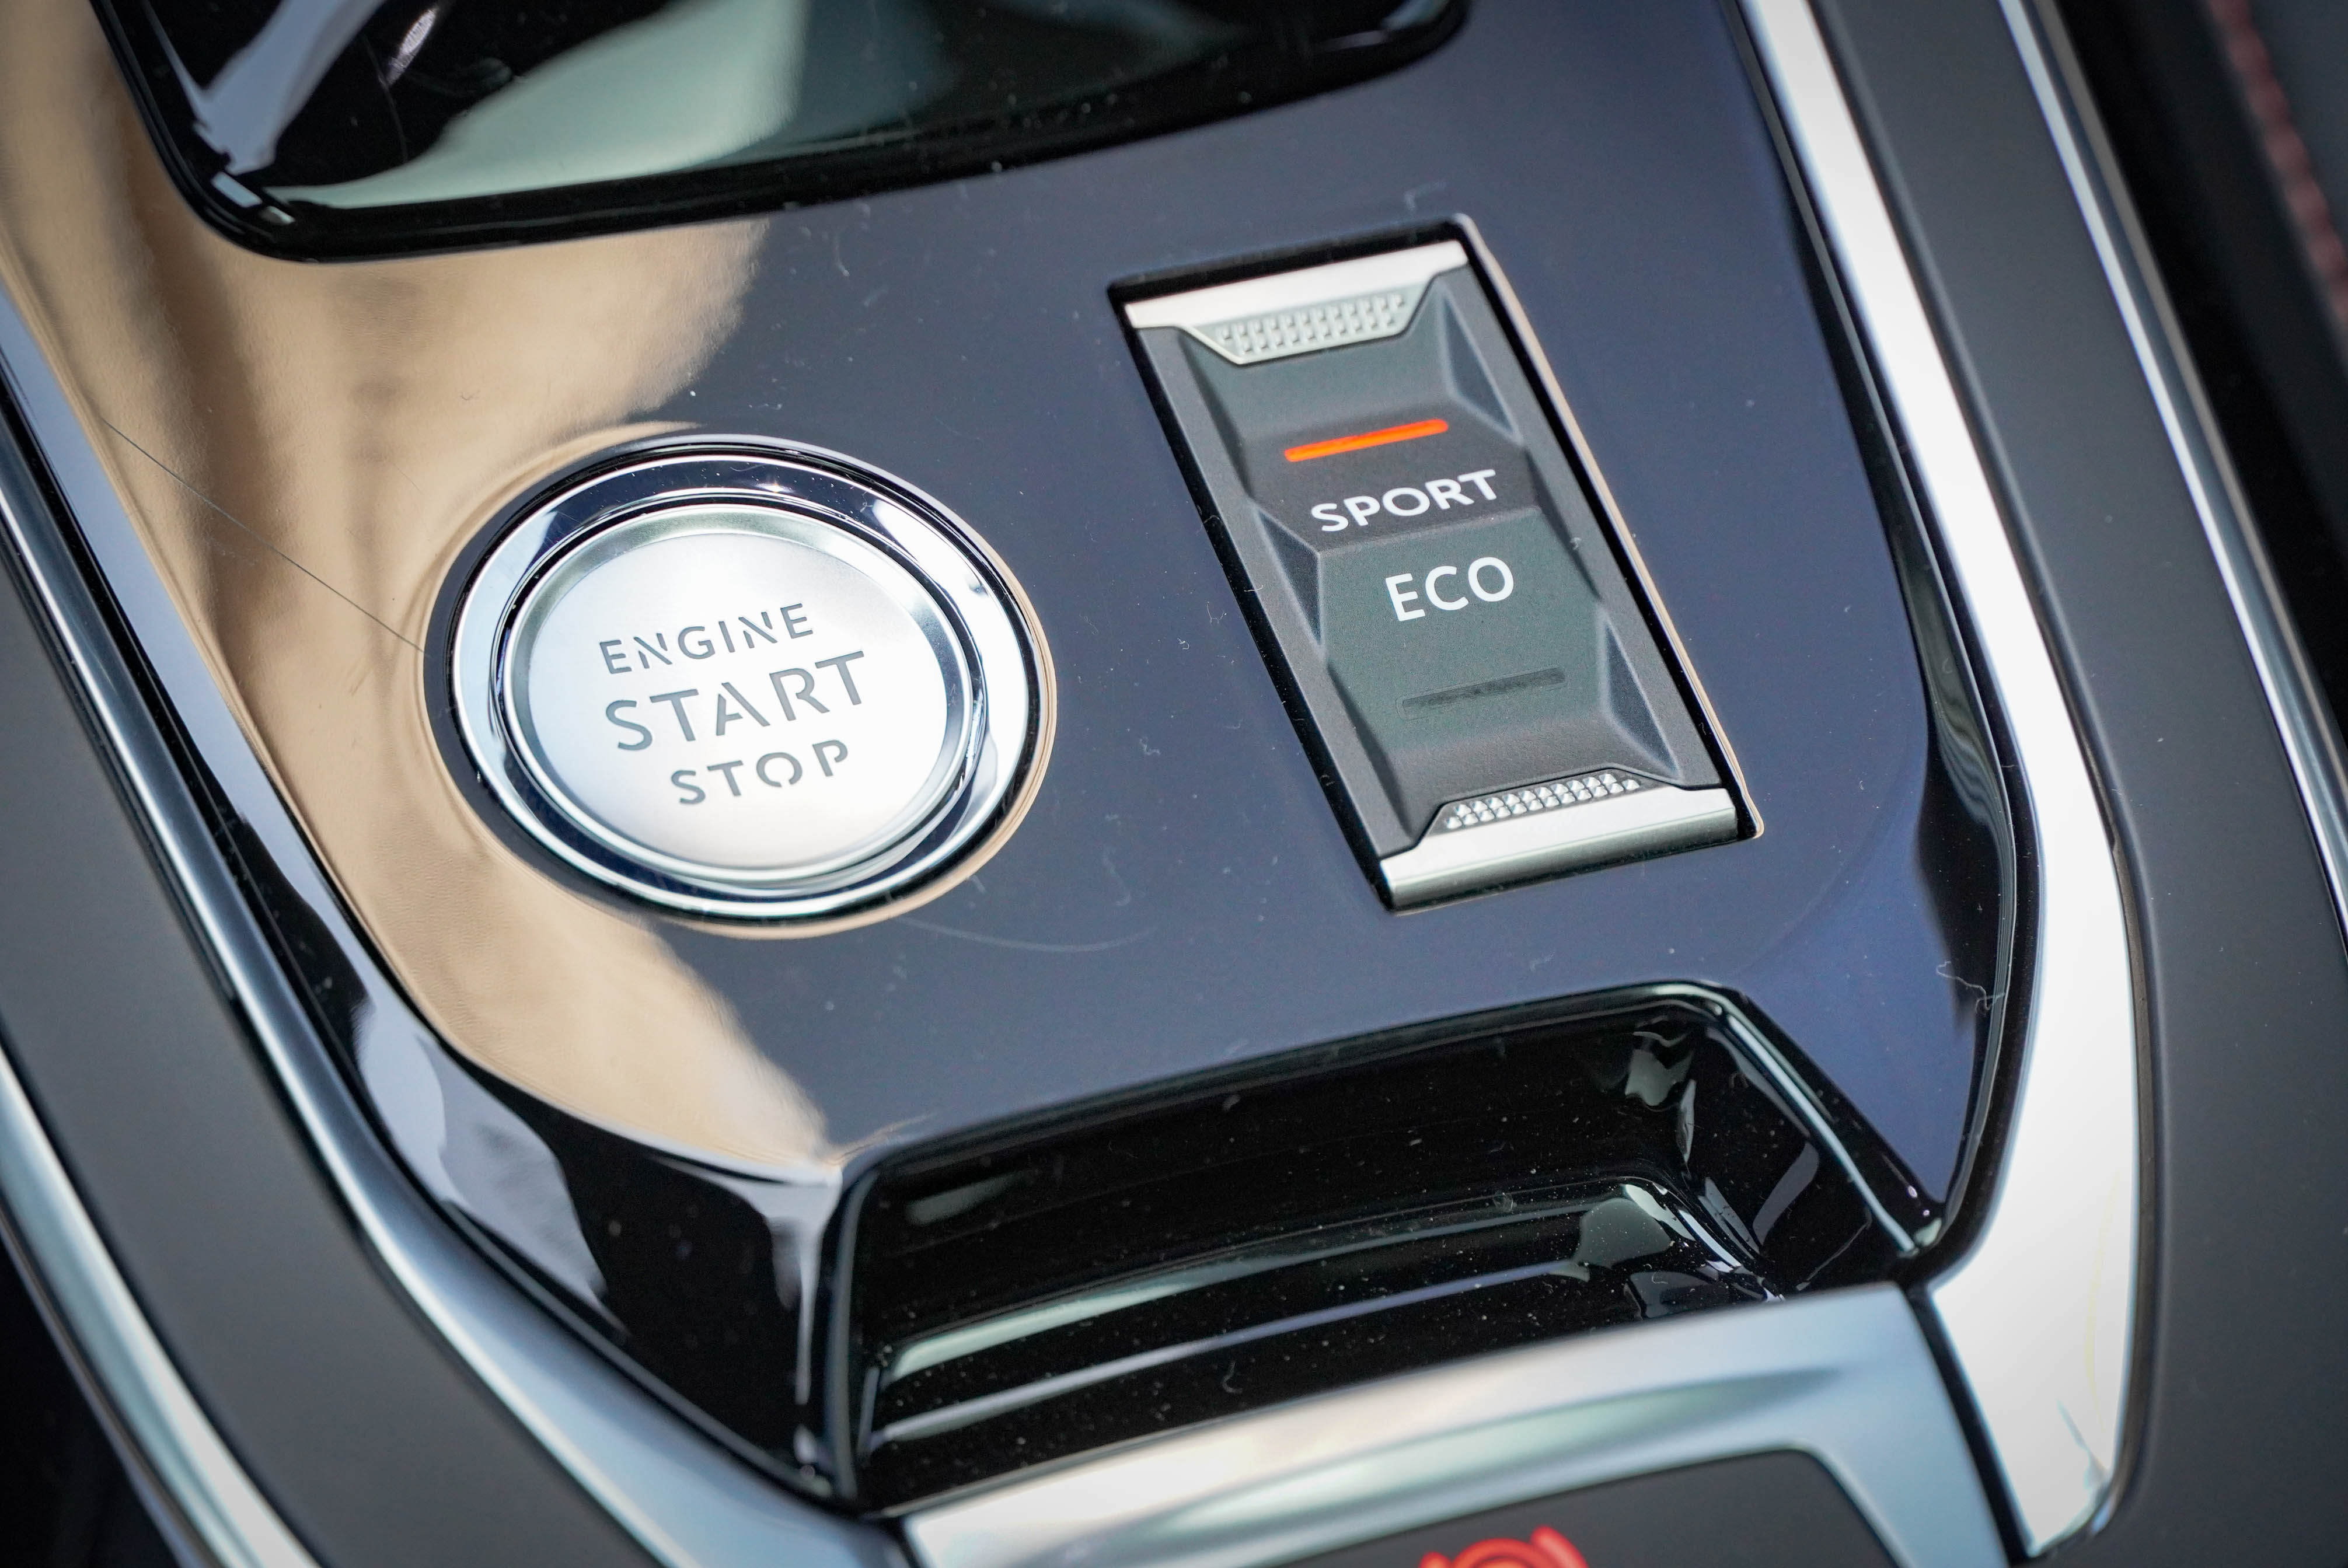 308 擁有「Eco 節能行駛模式」與「Sport 運動化模式」可選。